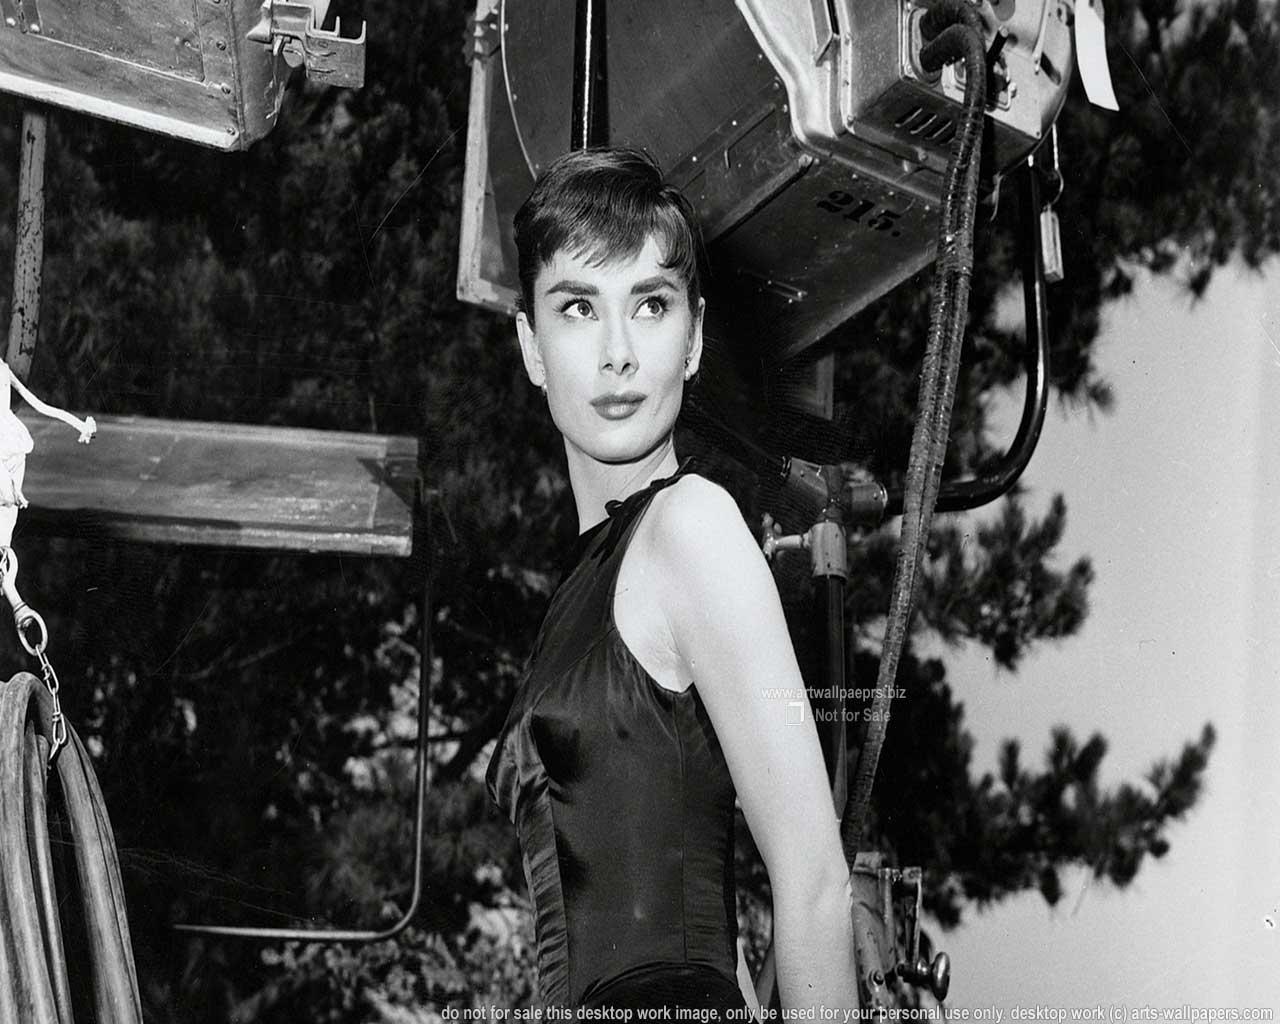 Audrey Hepburn Wallpapers Widescreen Full HD Desktop Art Wallpapers 1280x1024